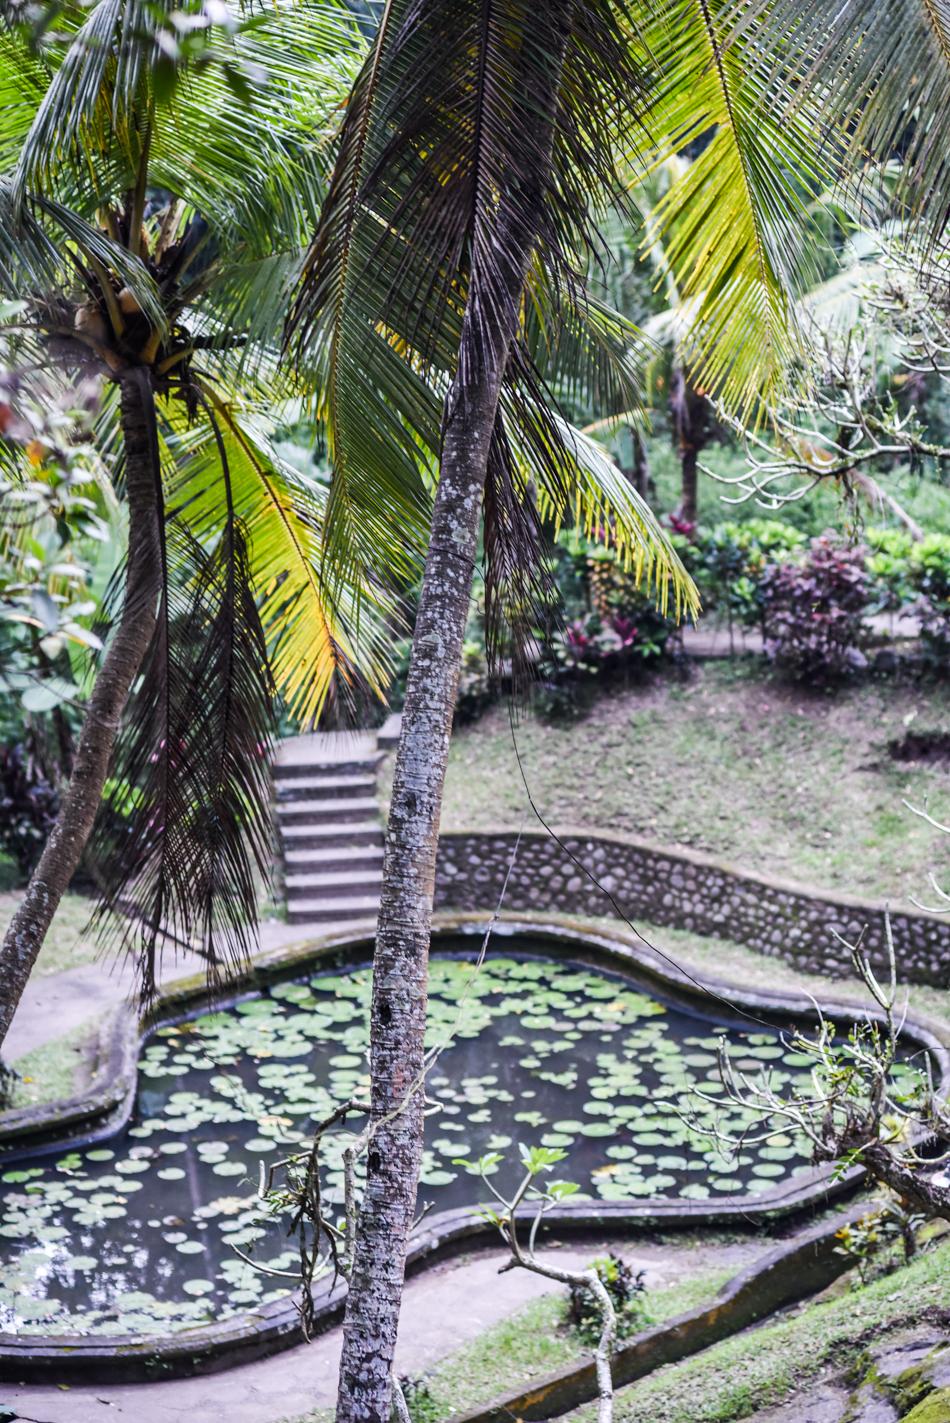 Bali-Honeymoon-Travel-AnaisStoelen-88.jpg